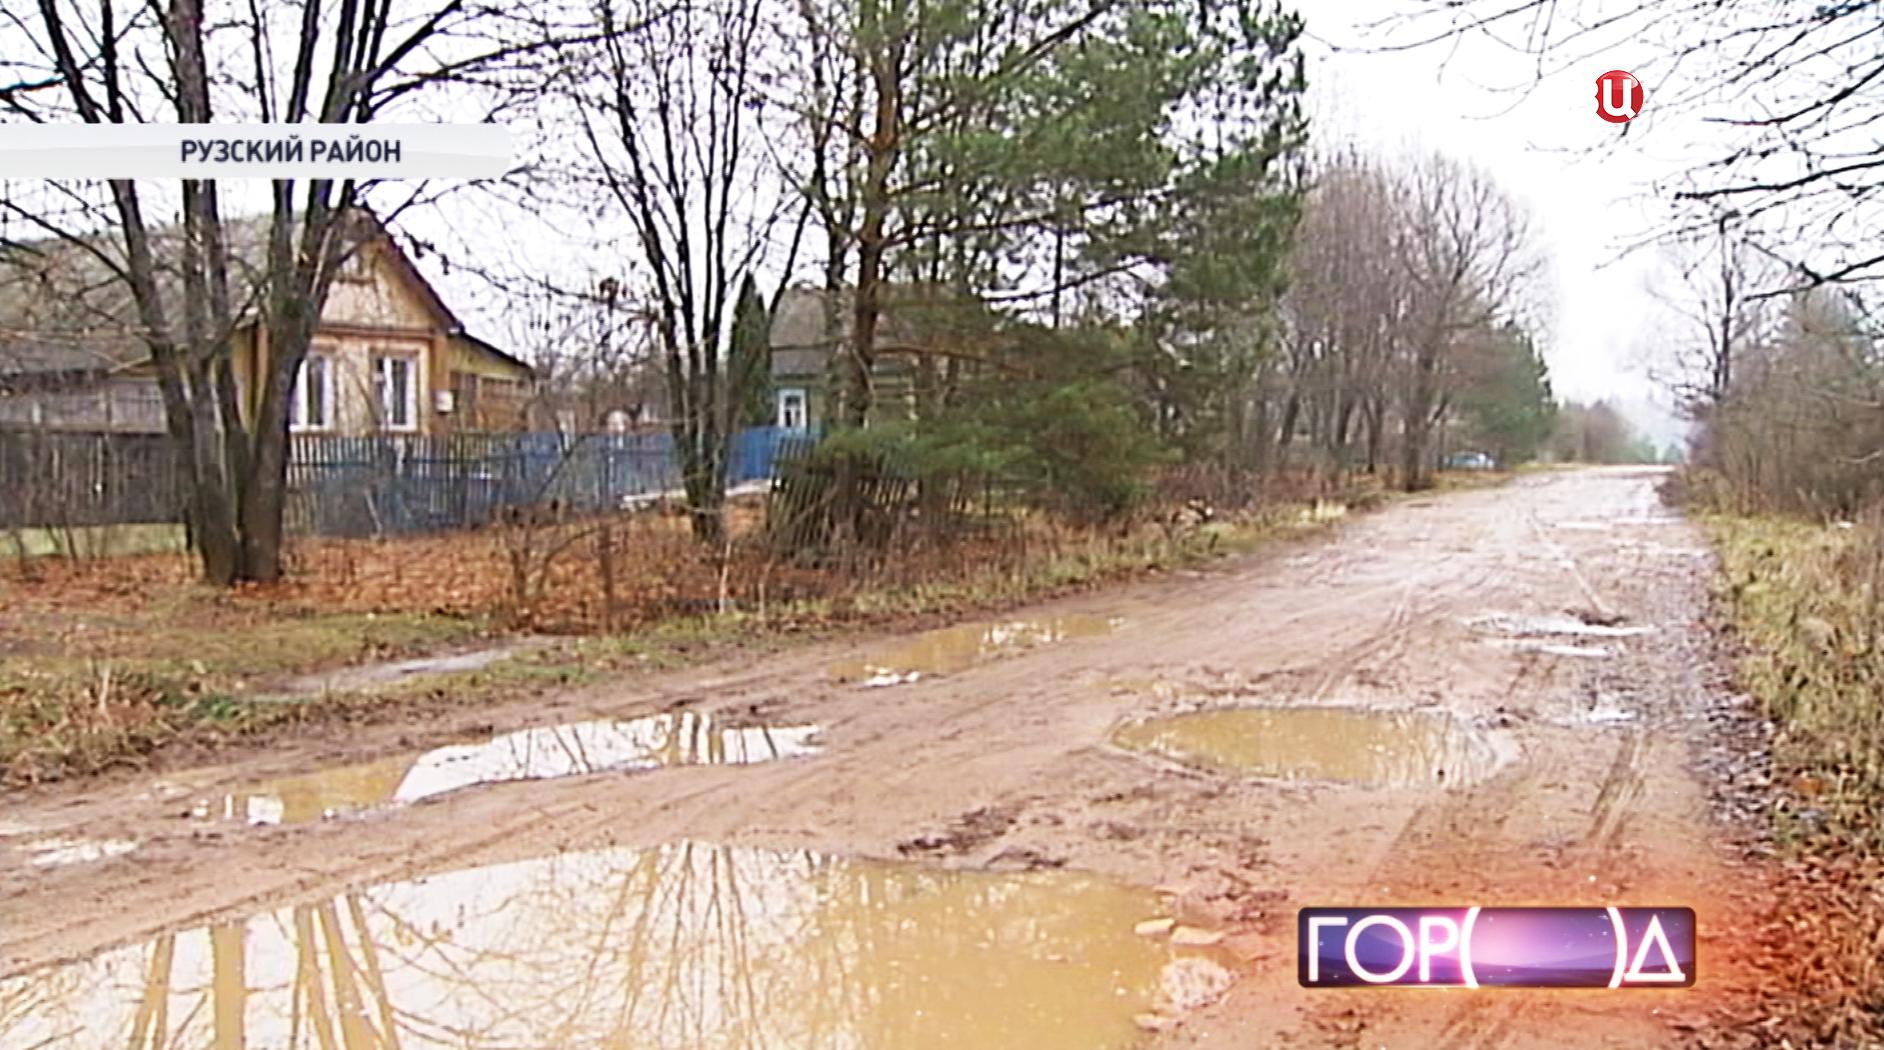 Деревня Костино Рузского района Московской области